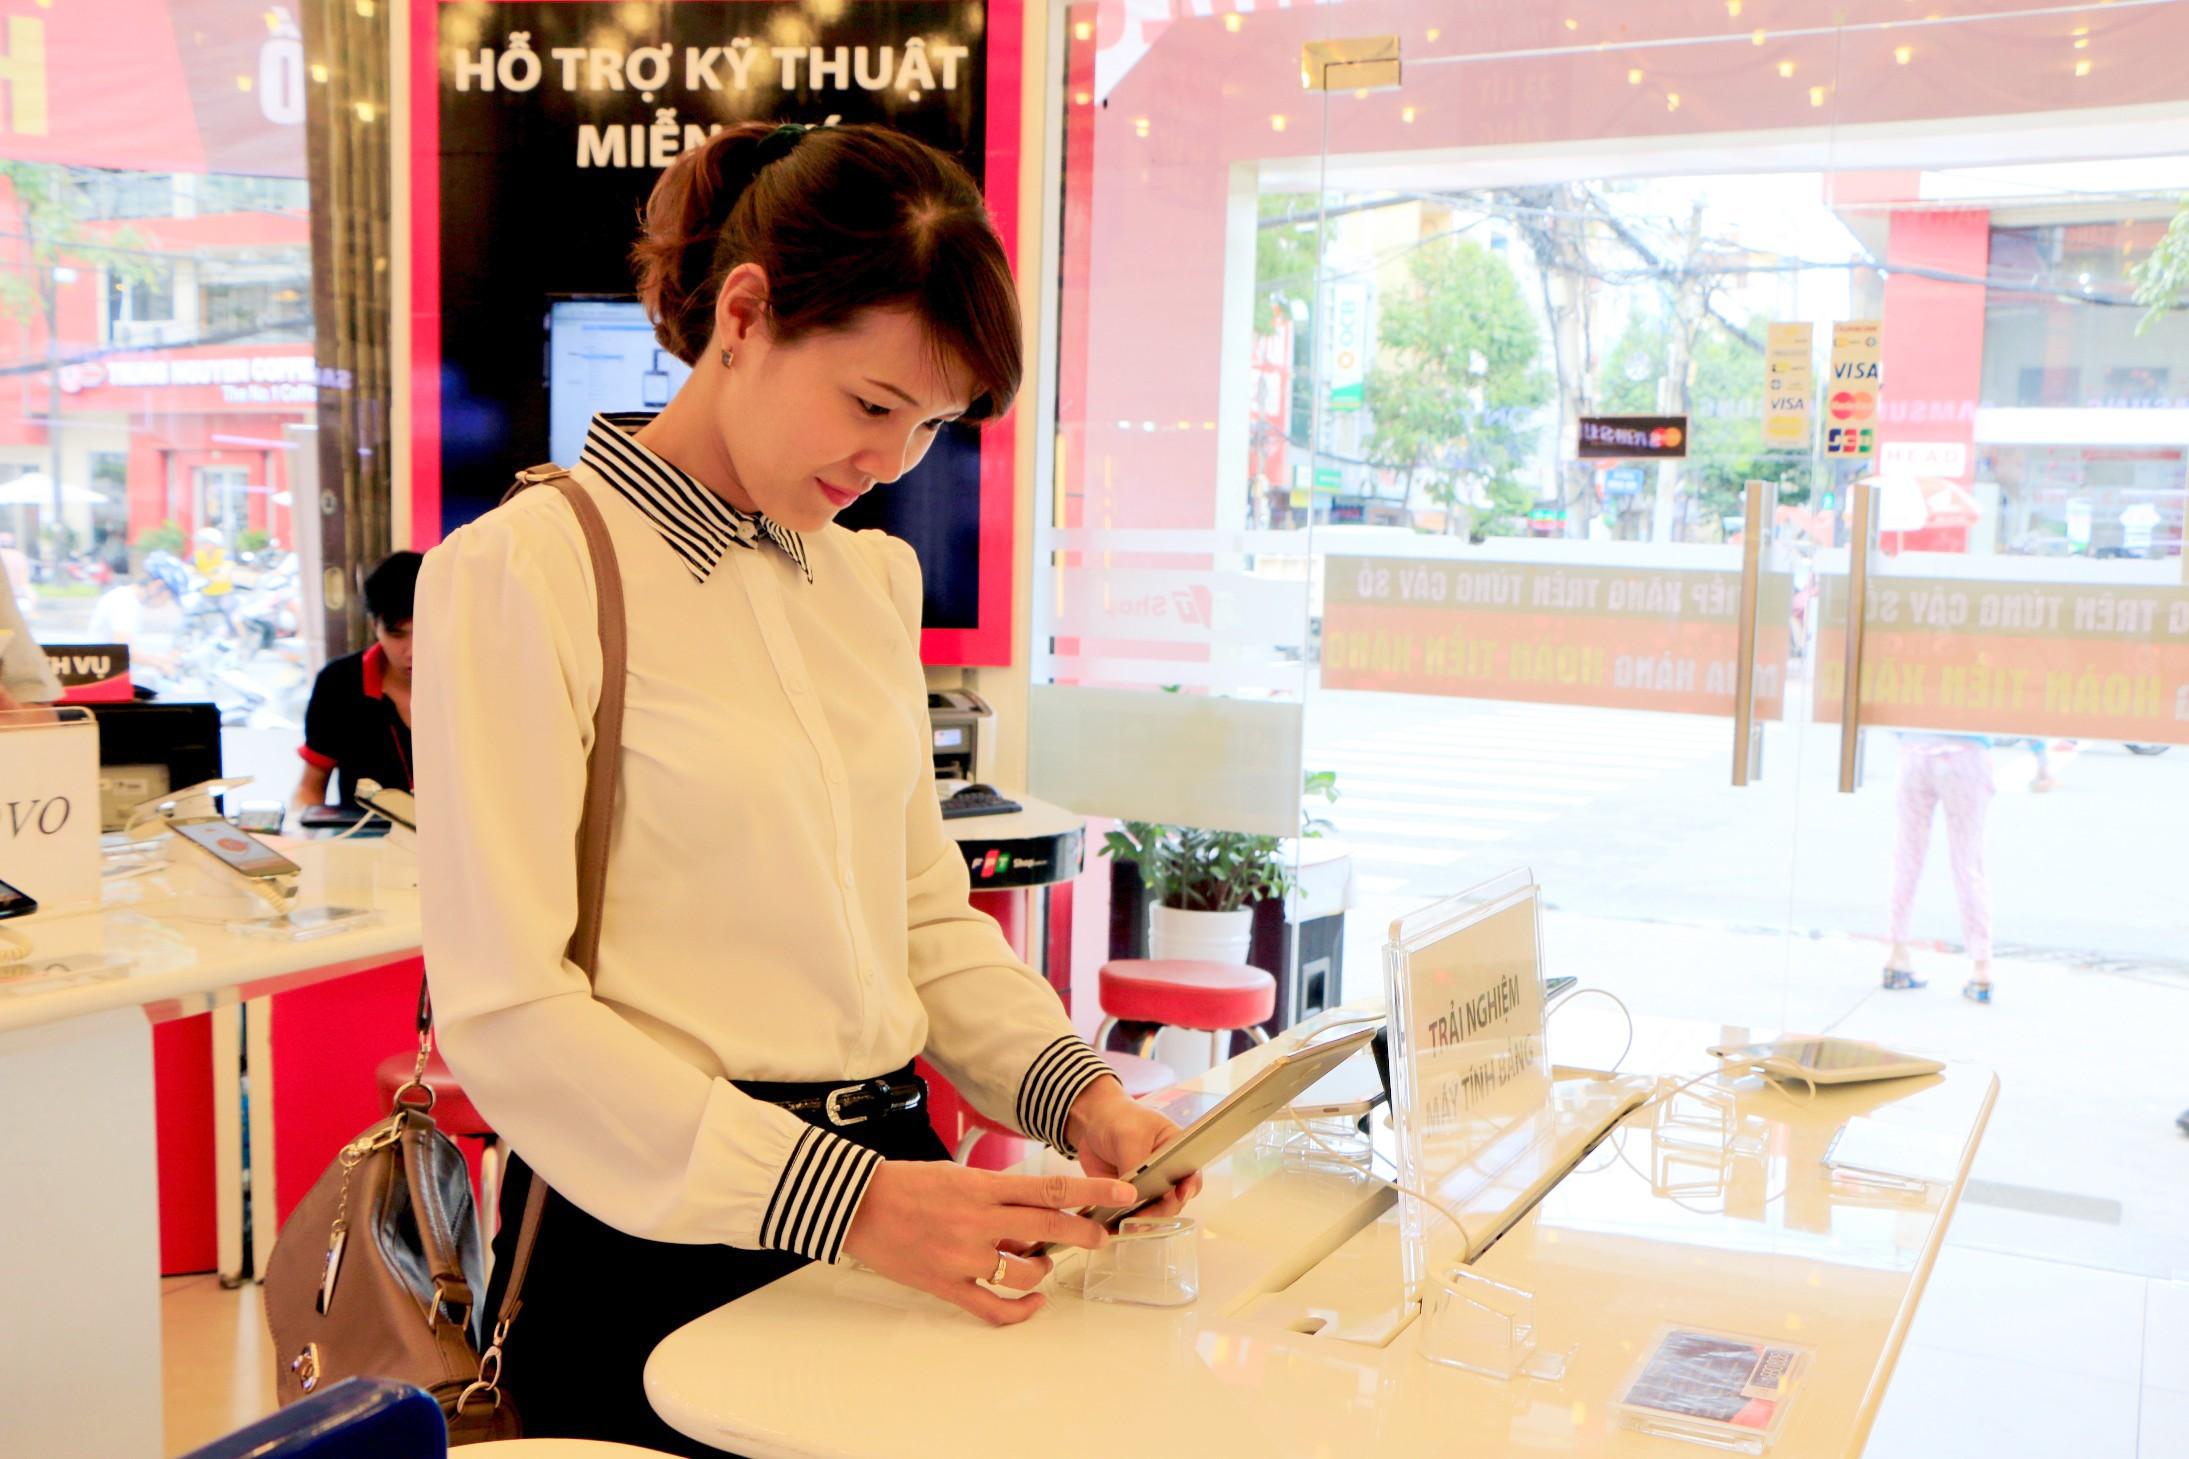 tAB S fpt - Galaxy Tab S đã có hàng tại FPT Shop